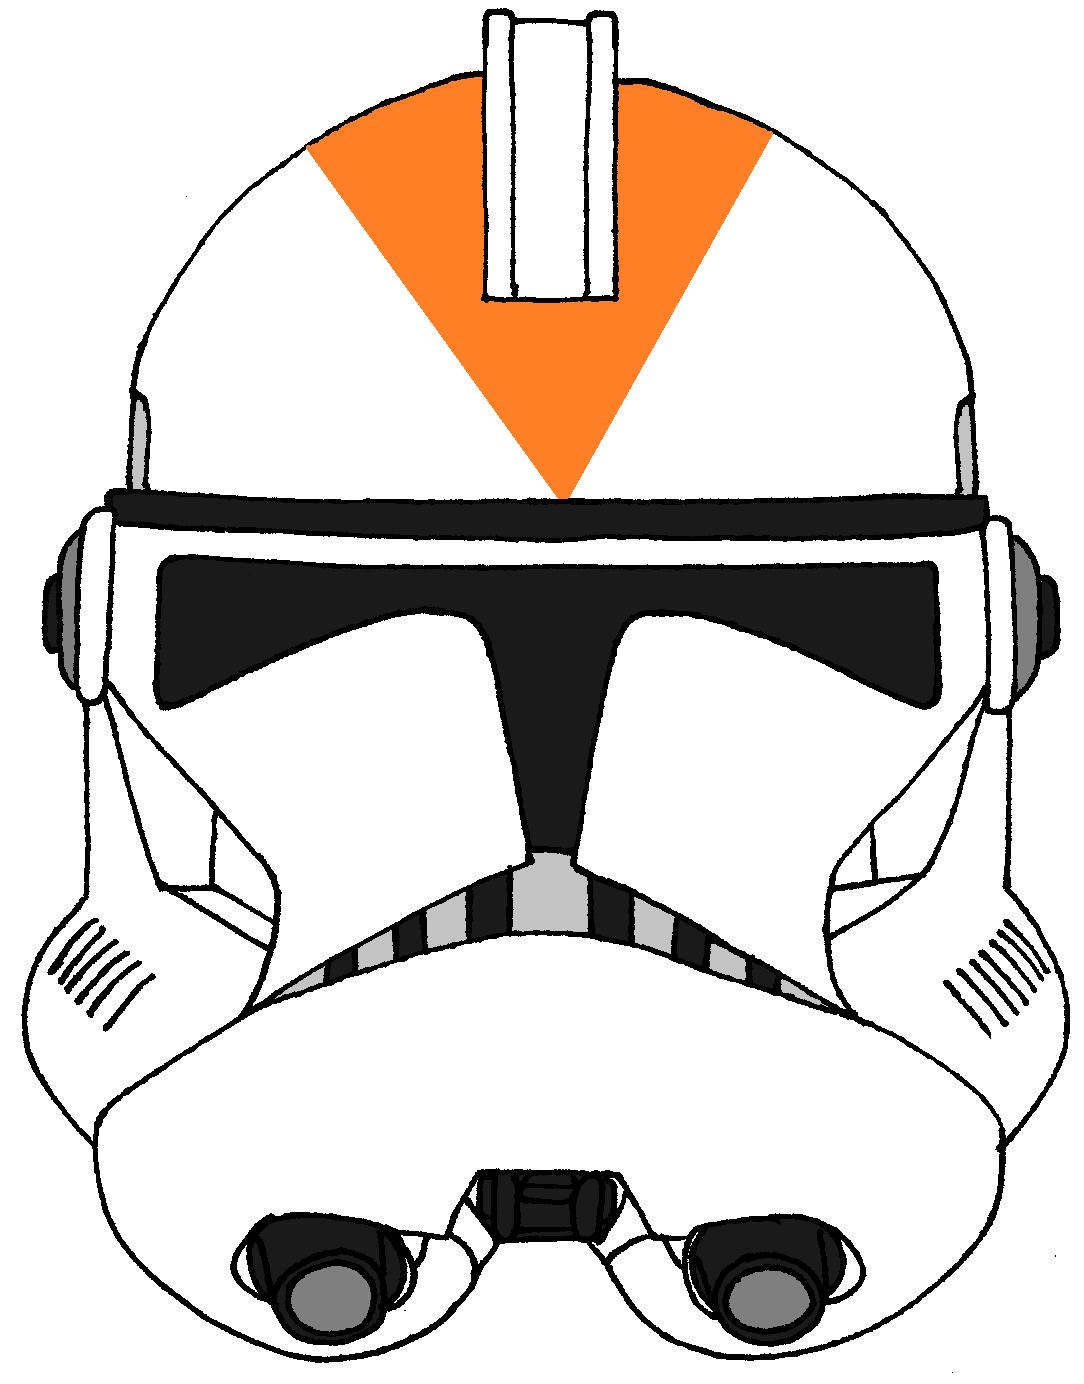 Clone Trooper Helmet 212th Attack Battalion Star Wars Characters Drawings Star Wars Helmet Clone Trooper Helmet